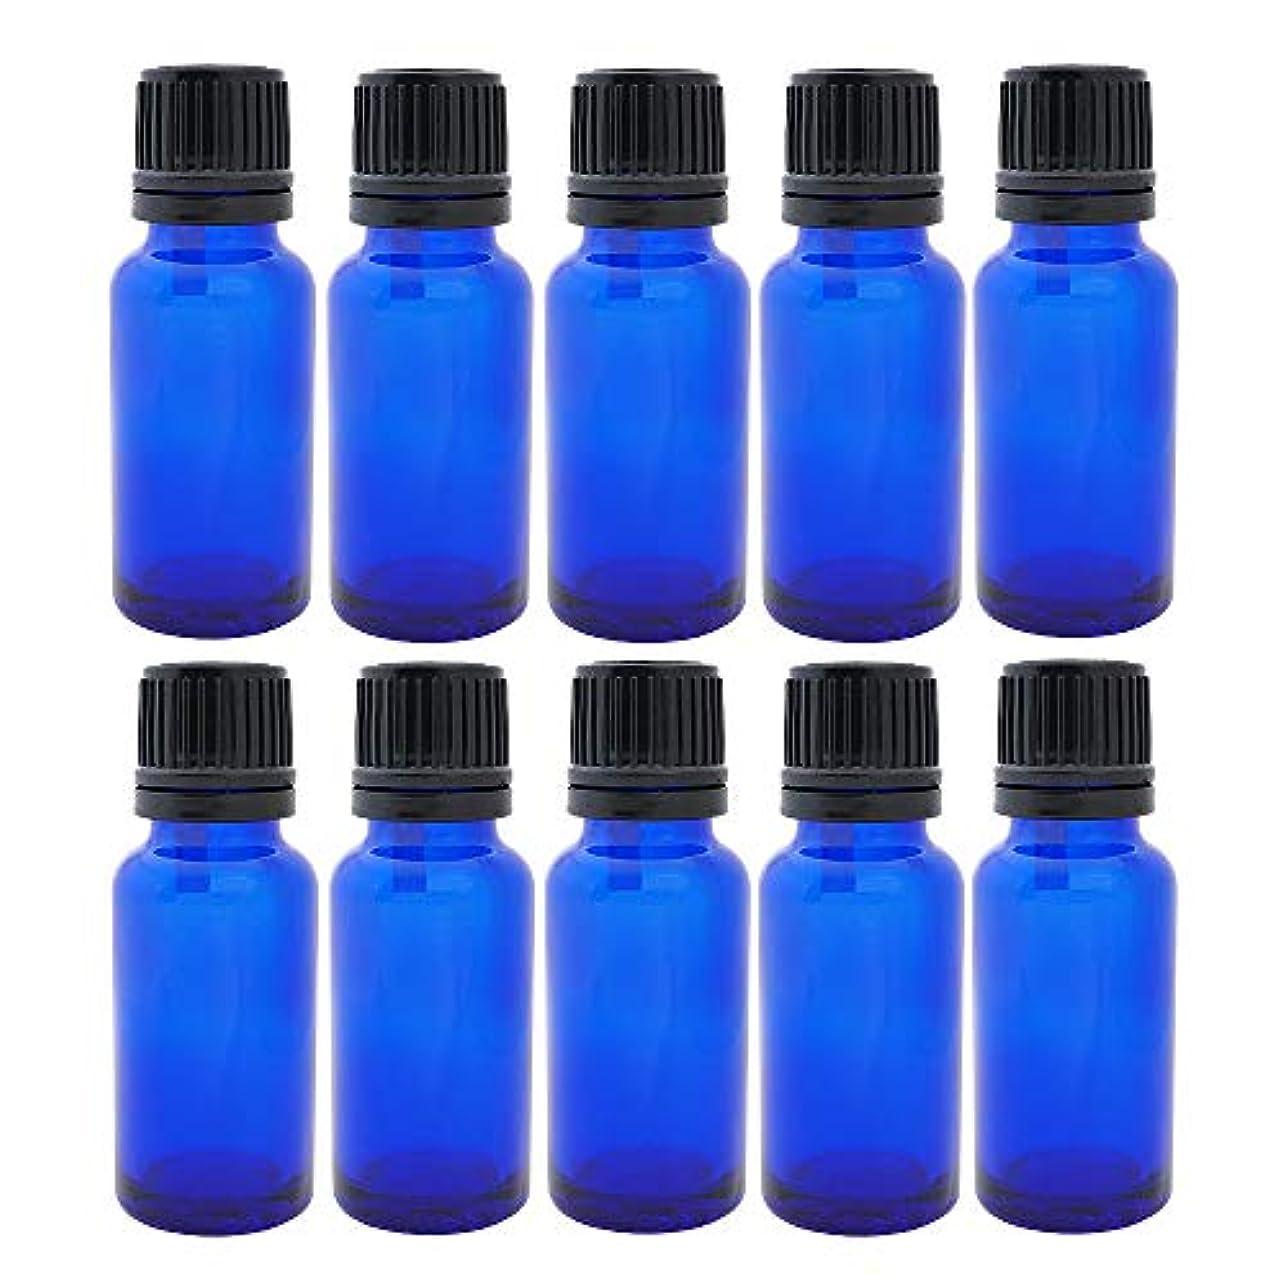 メンダシティ架空のジョセフバンクス遮光ビン 20ml 瓶 10本セット ブルー(ドロッパー キャップ付)